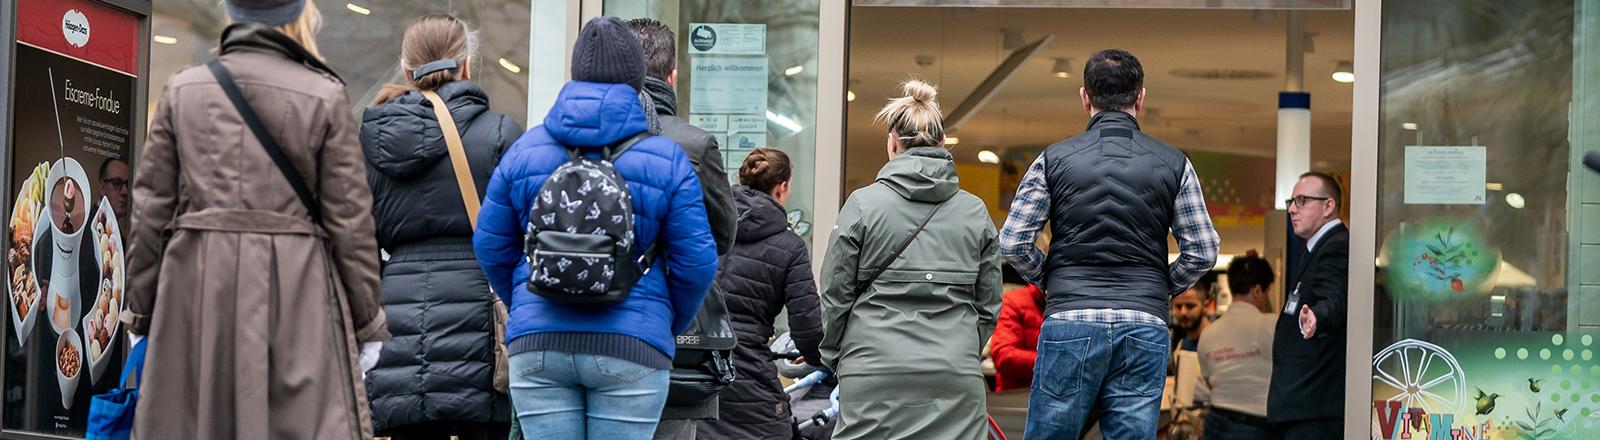 Menschen stehen in der Schlange vor einem Drogeriemarkt (20.03.2020)